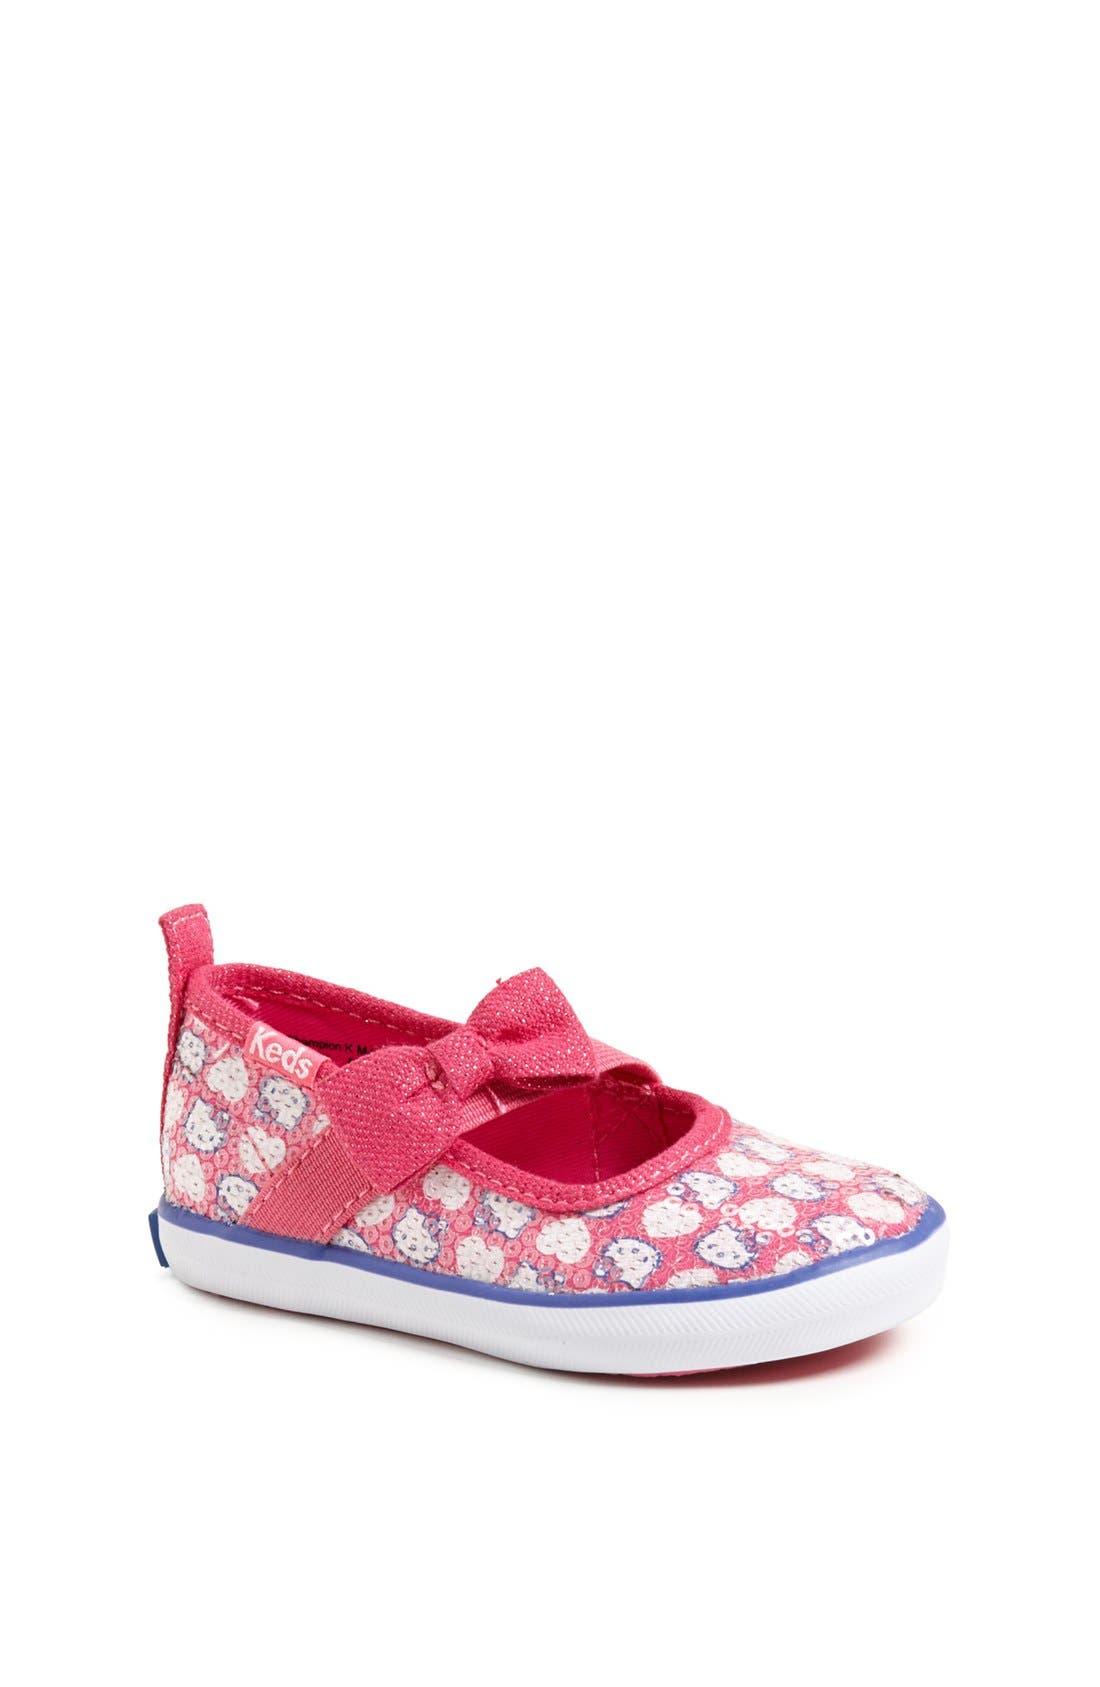 Alternate Image 1 Selected - Keds® 'Champion - Hello Kitty®' Sneaker (Walker & Toddler)